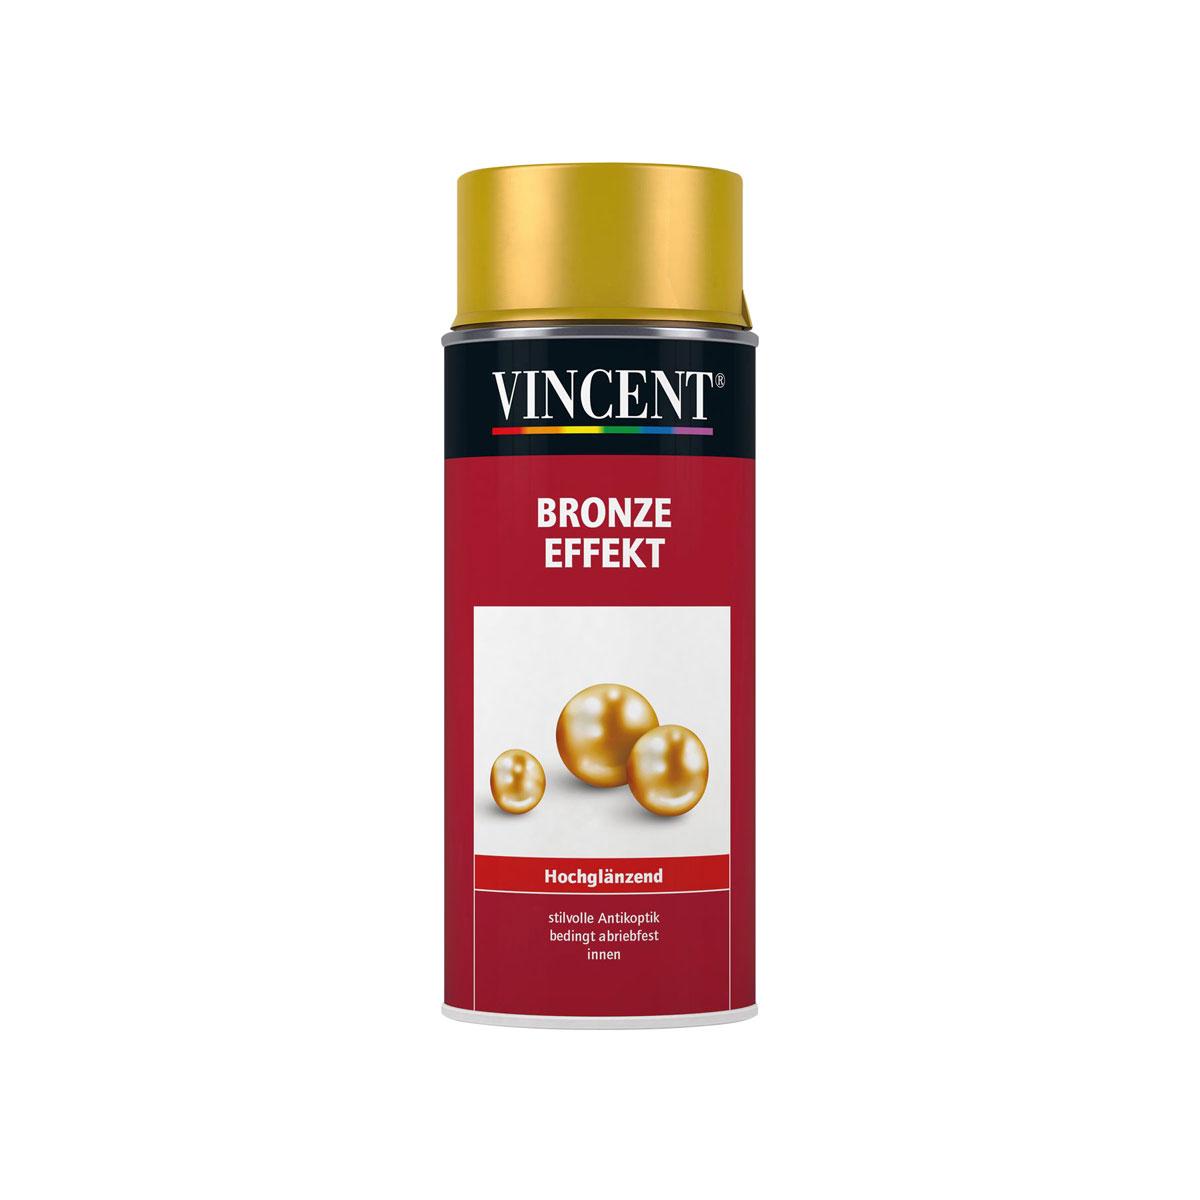 Vincent Bronze Effekt hochglänzend